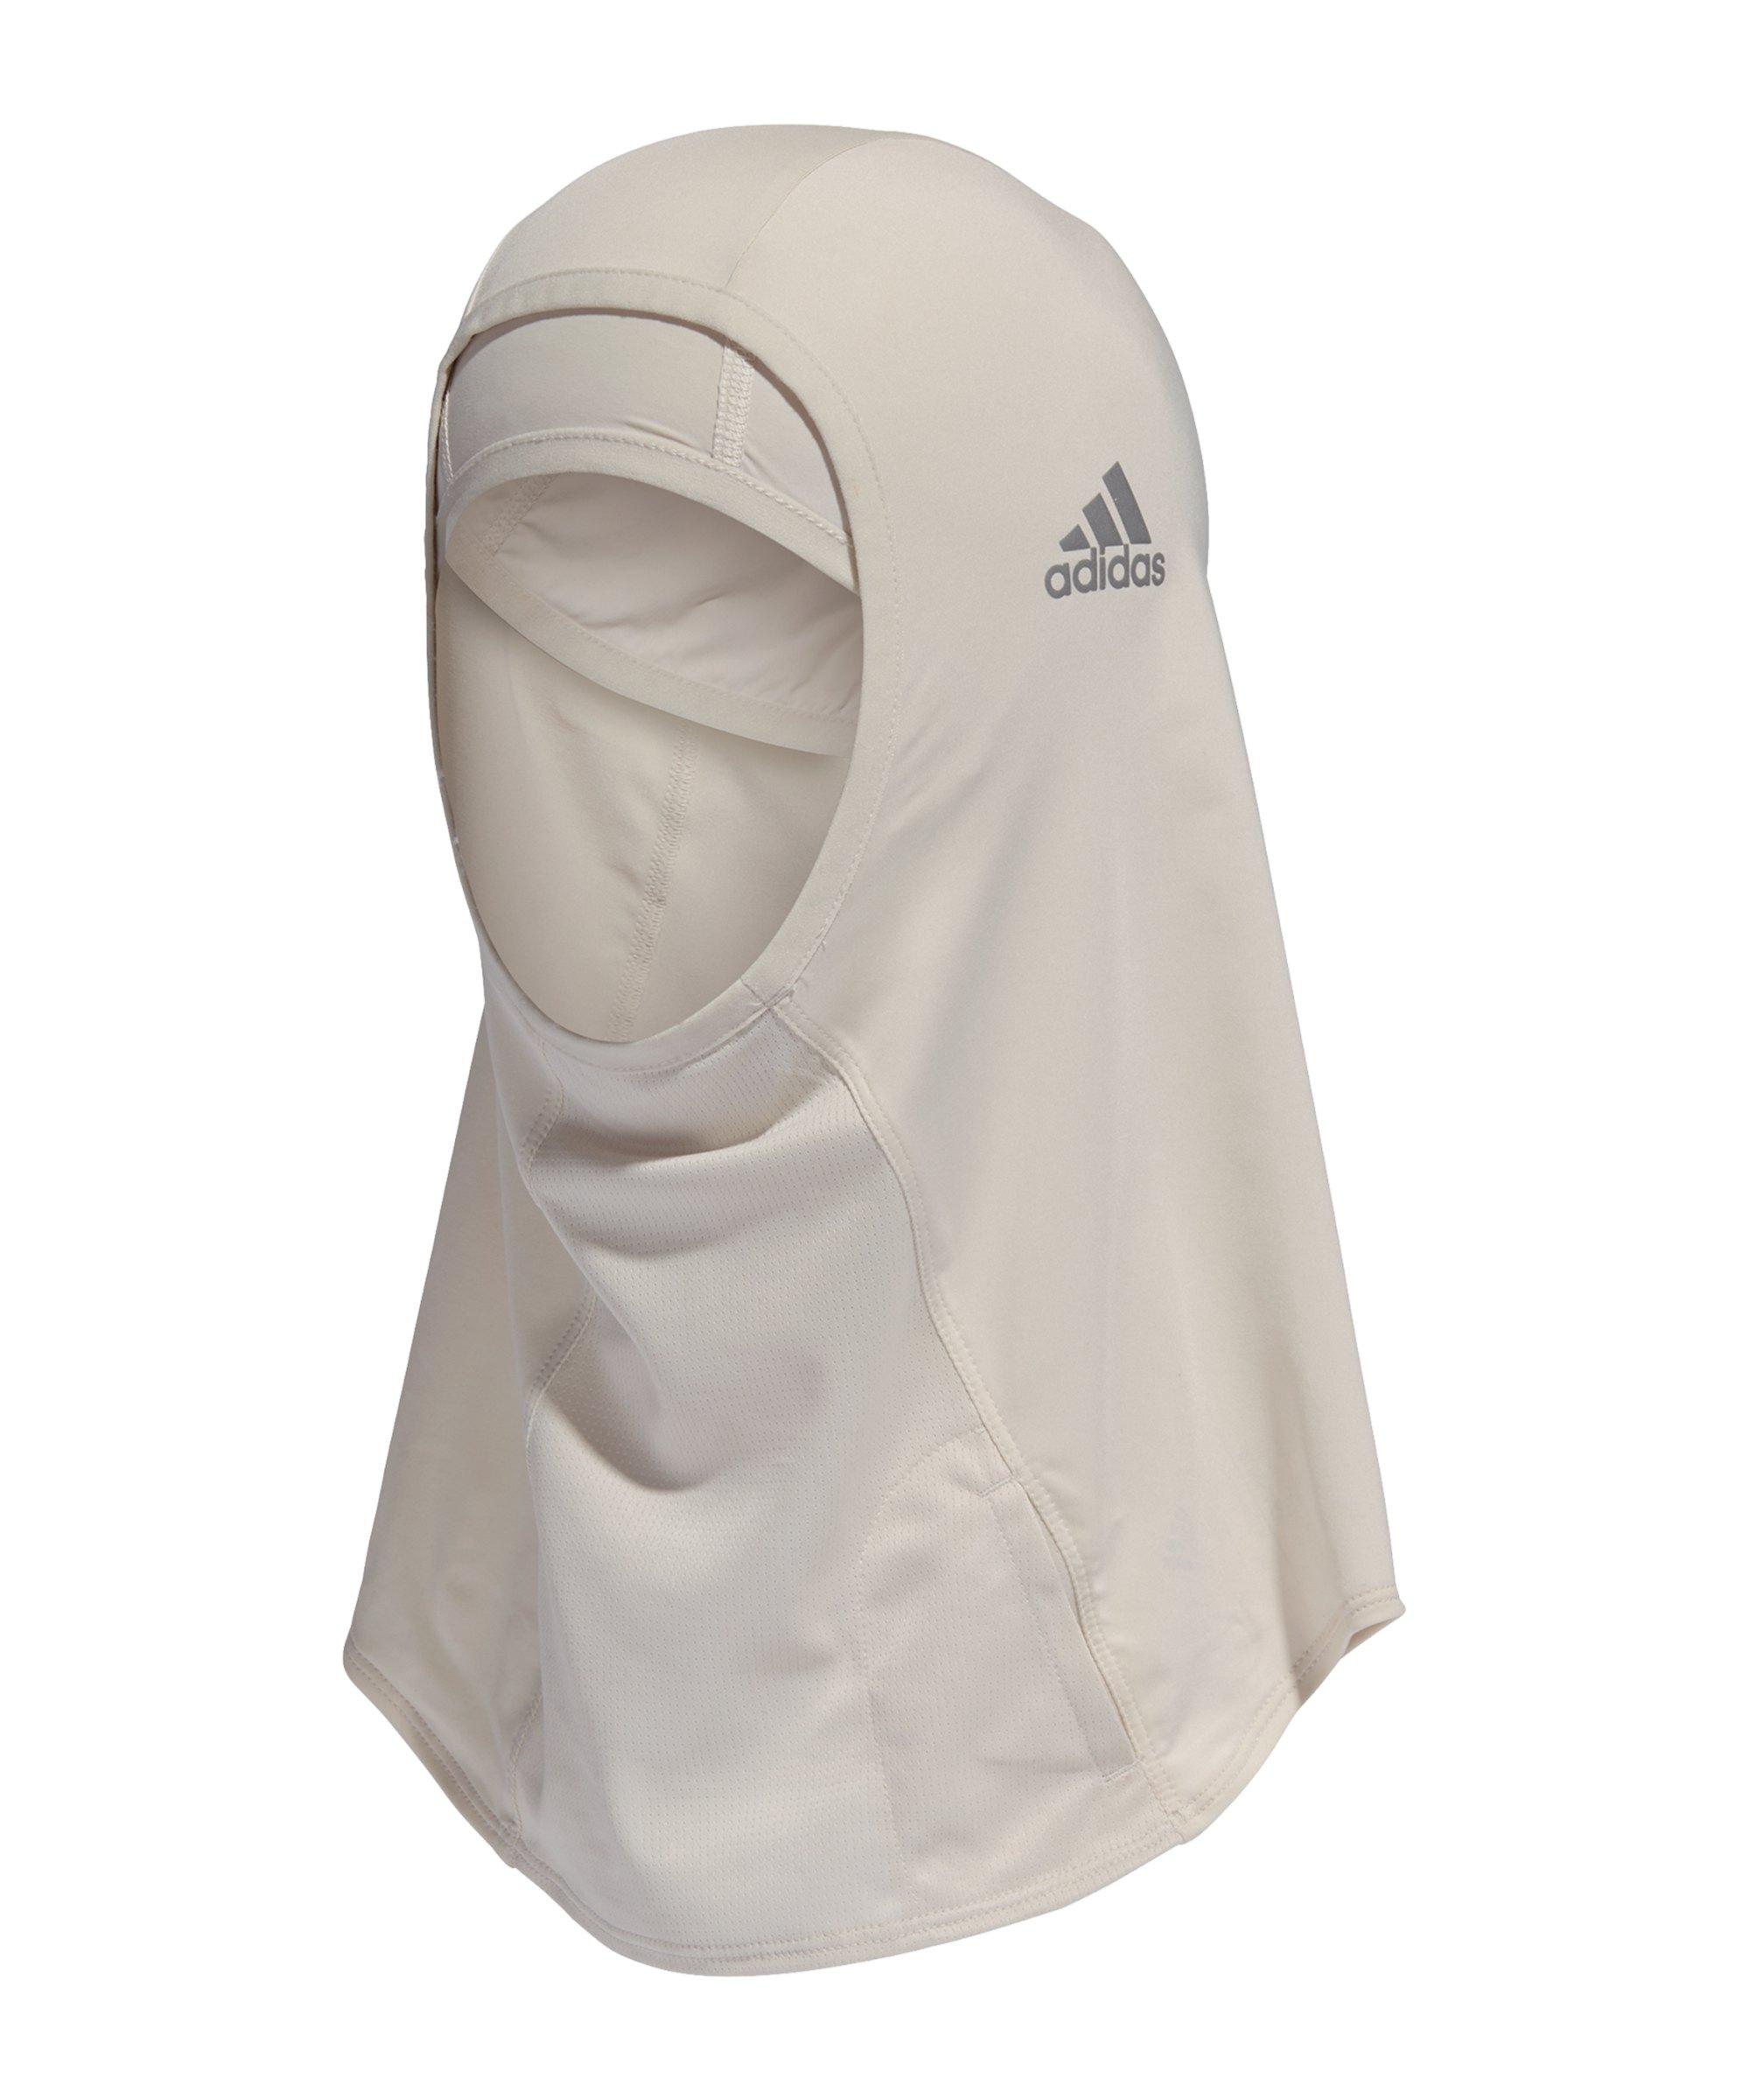 adidas Hijab II Kopftuch Running Damen Weiss - weiss